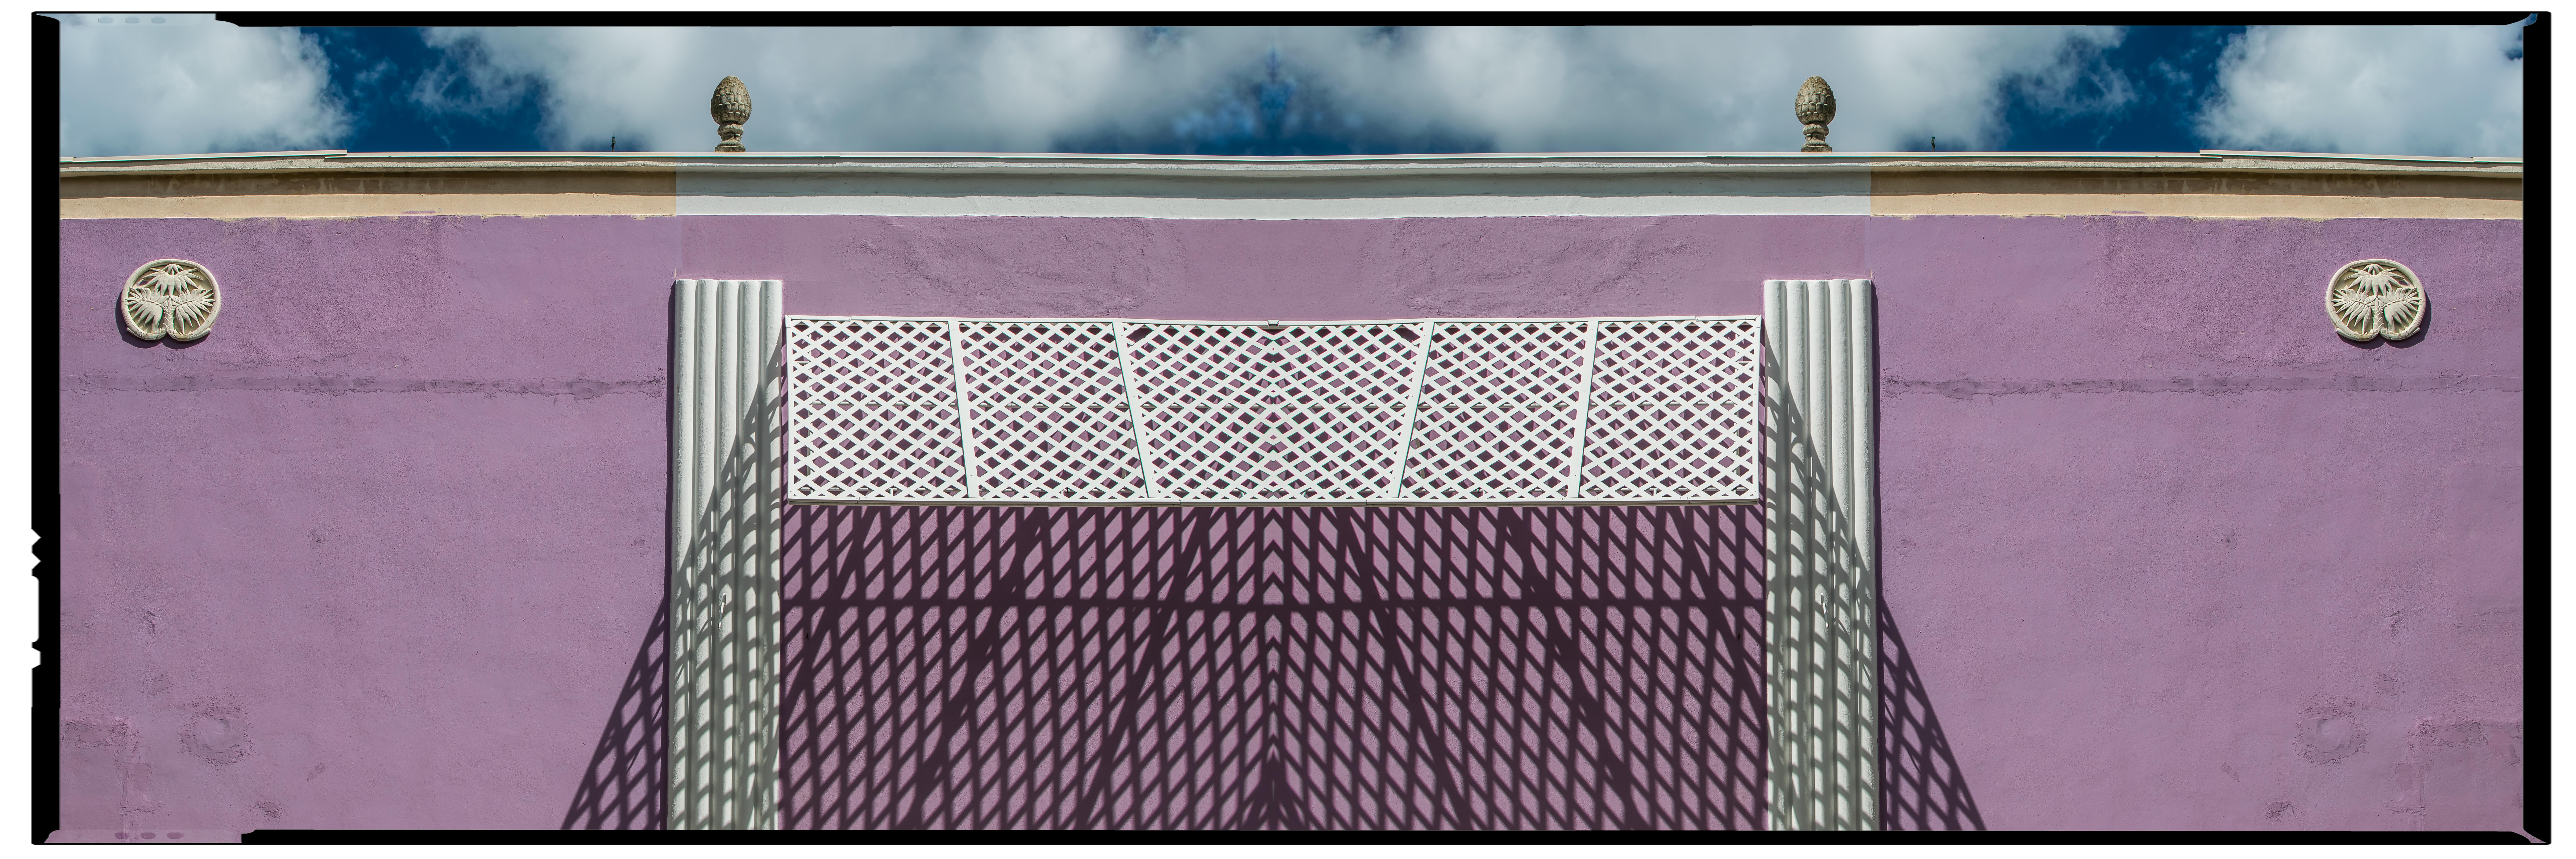 Lavender Lattice